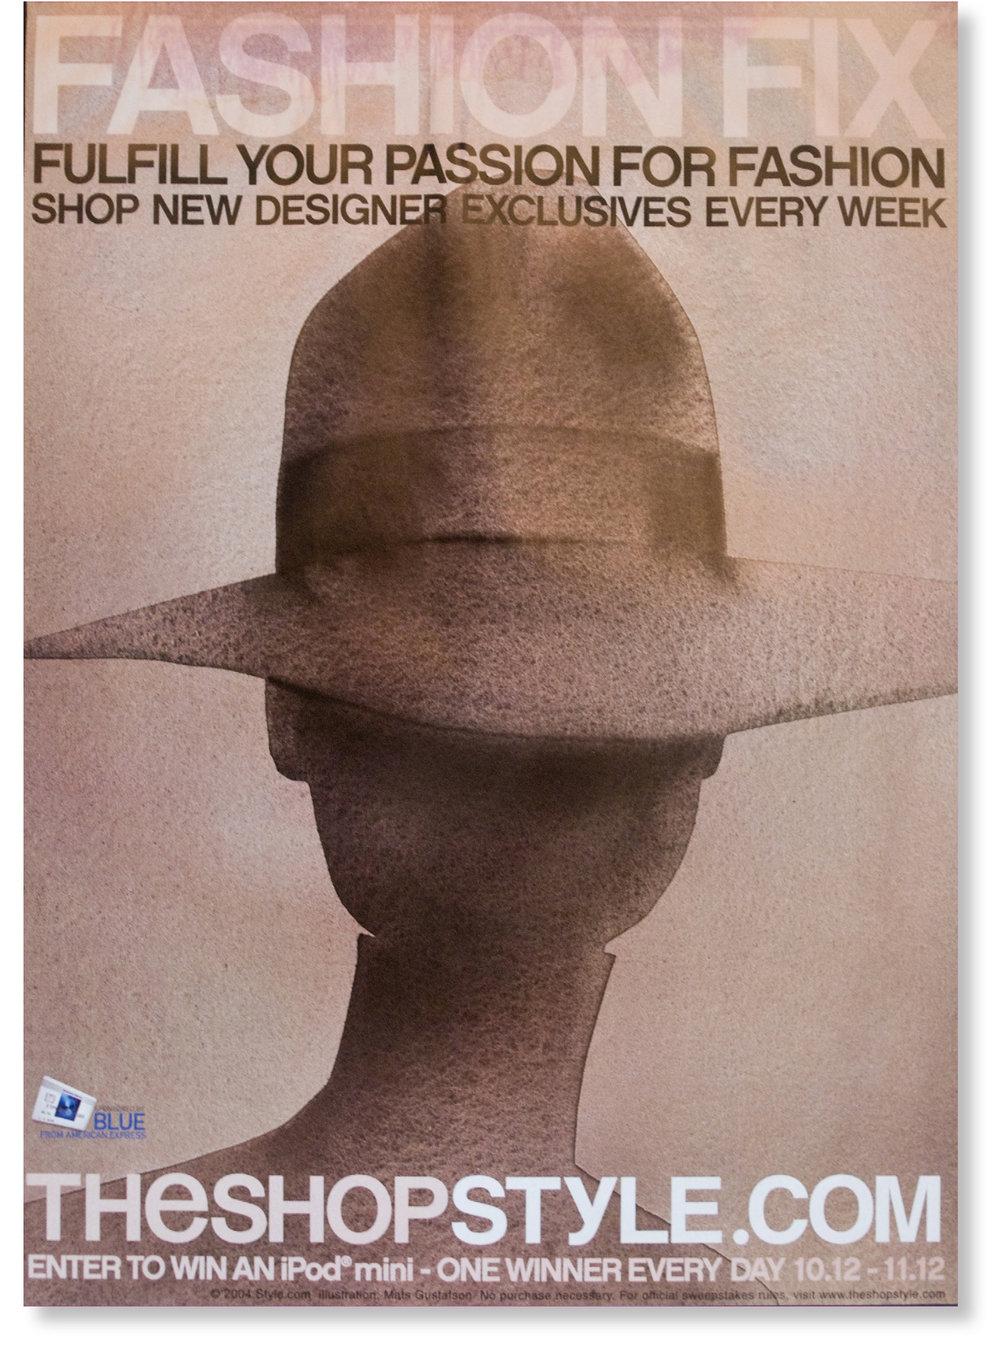 Style.com fashion week ad